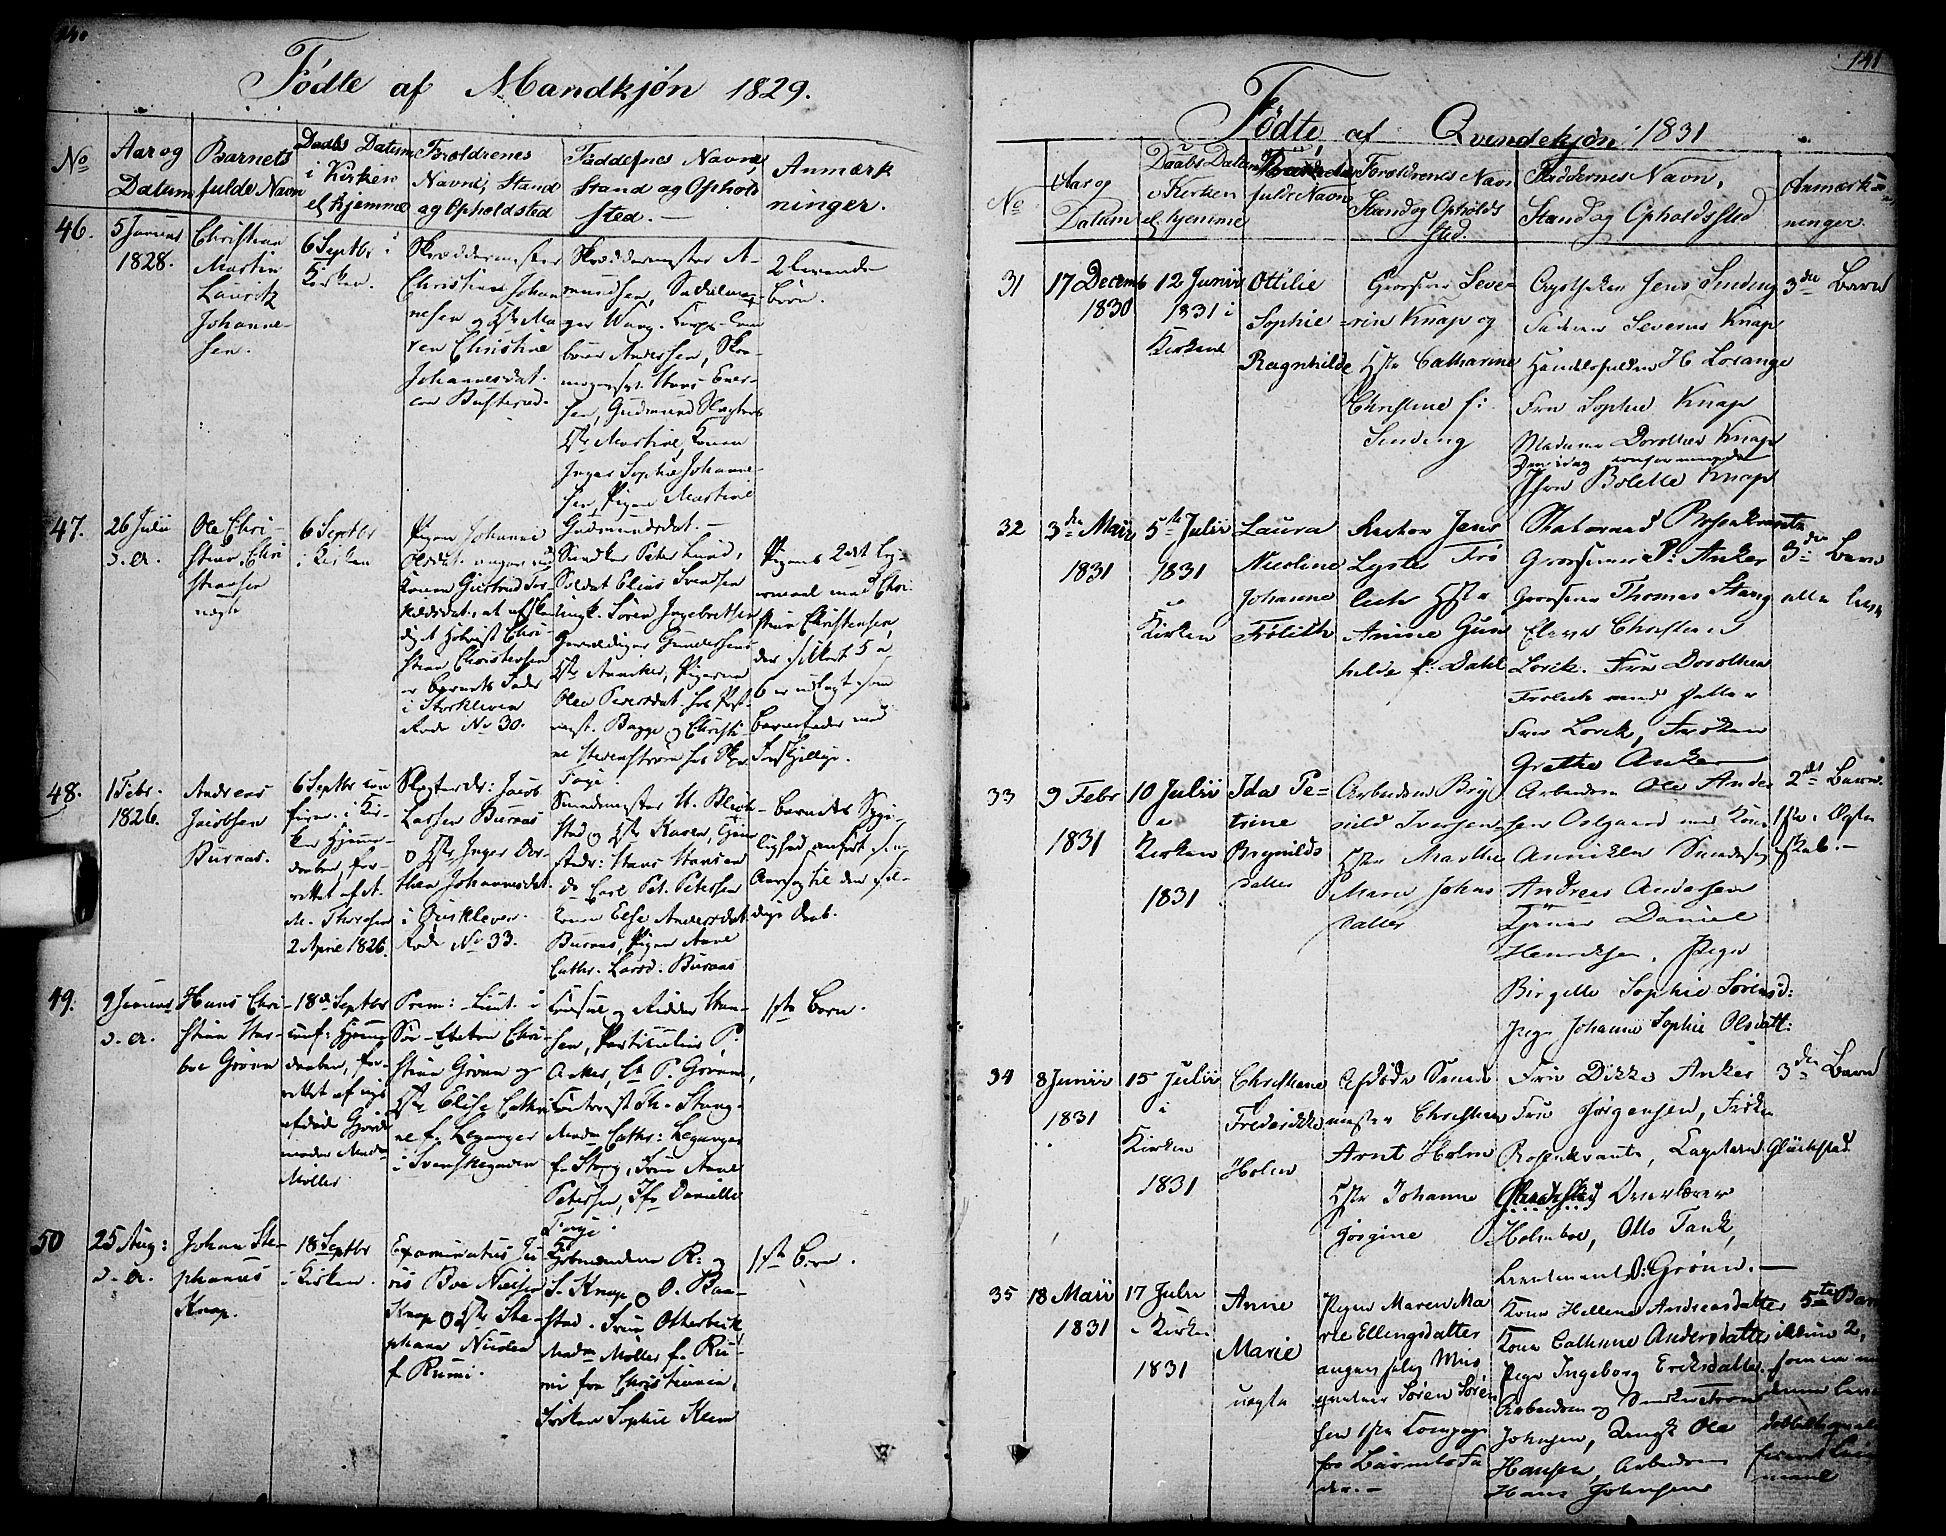 SAO, Halden prestekontor Kirkebøker, F/Fa/L0004: Ministerialbok nr. I 4, 1823-1834, s. 140-141